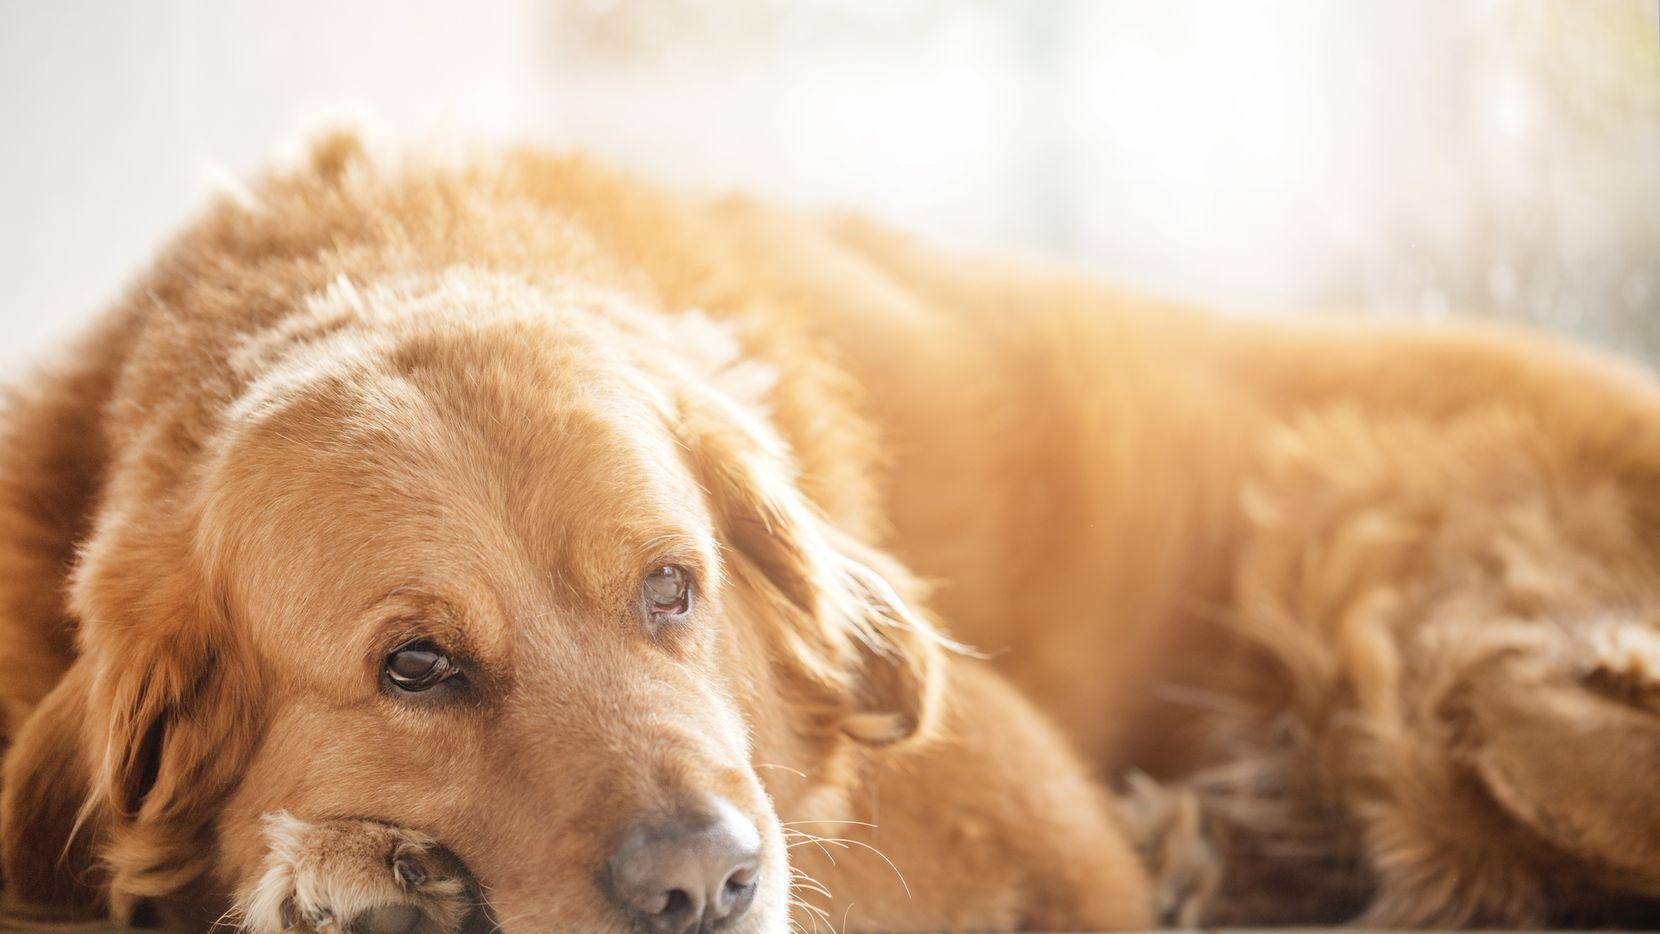 """gAlgunos canes, además, chillan o """"lloran"""" para llamar la atención de sus dueños o para pedir comida y cariño."""